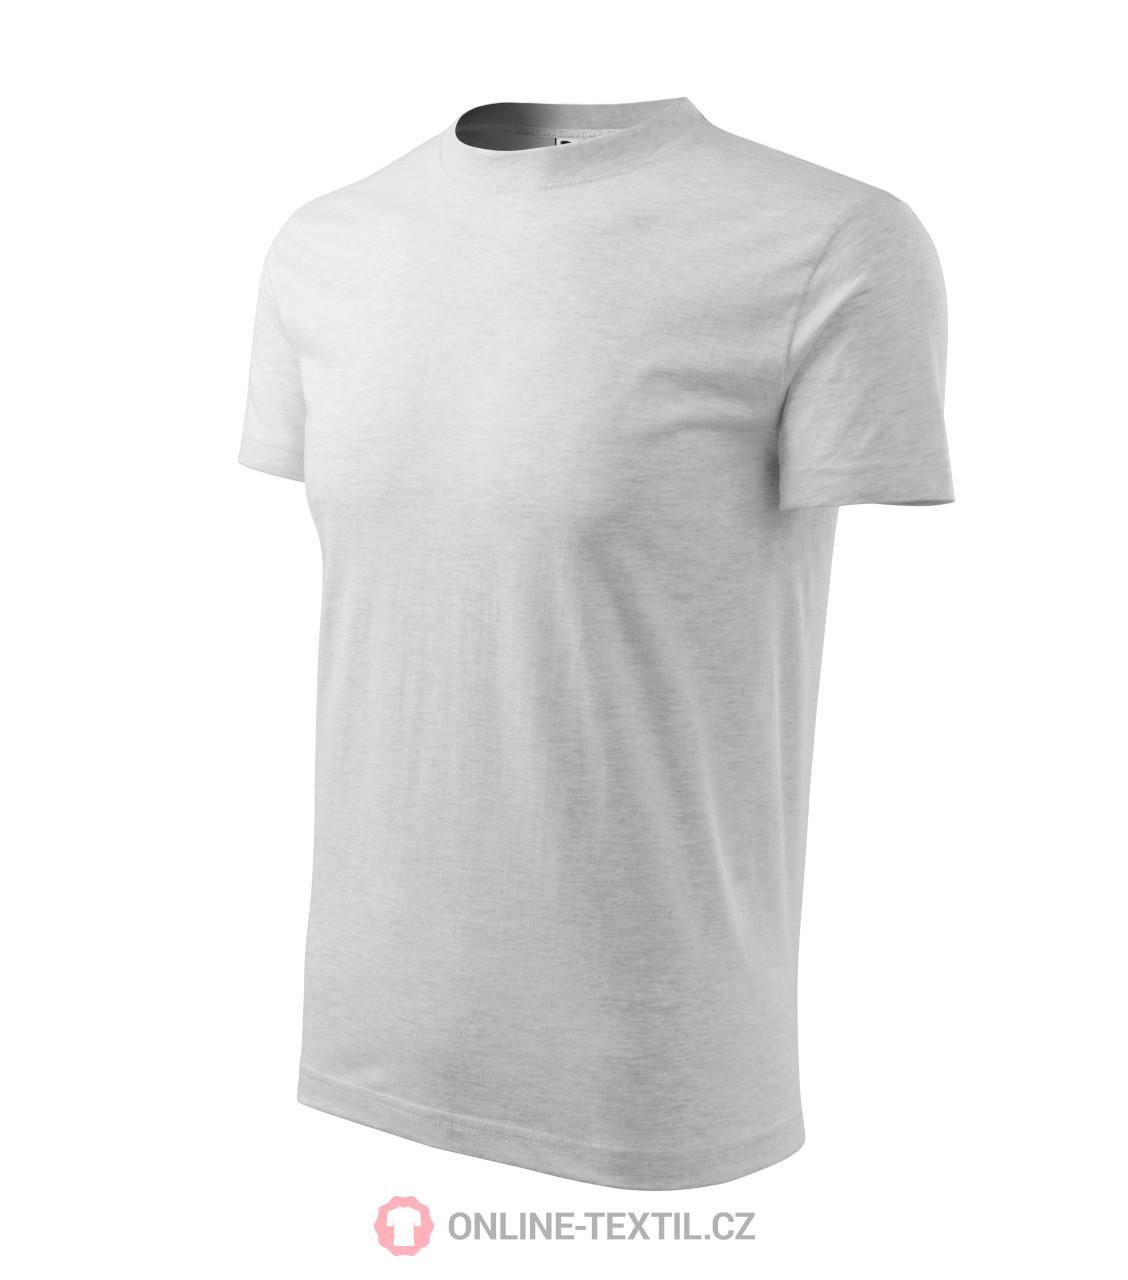 dcab2d9979d2 ADLER CZECH Heavy tričko unisex 11A - světle šedý melír z kolekce ...